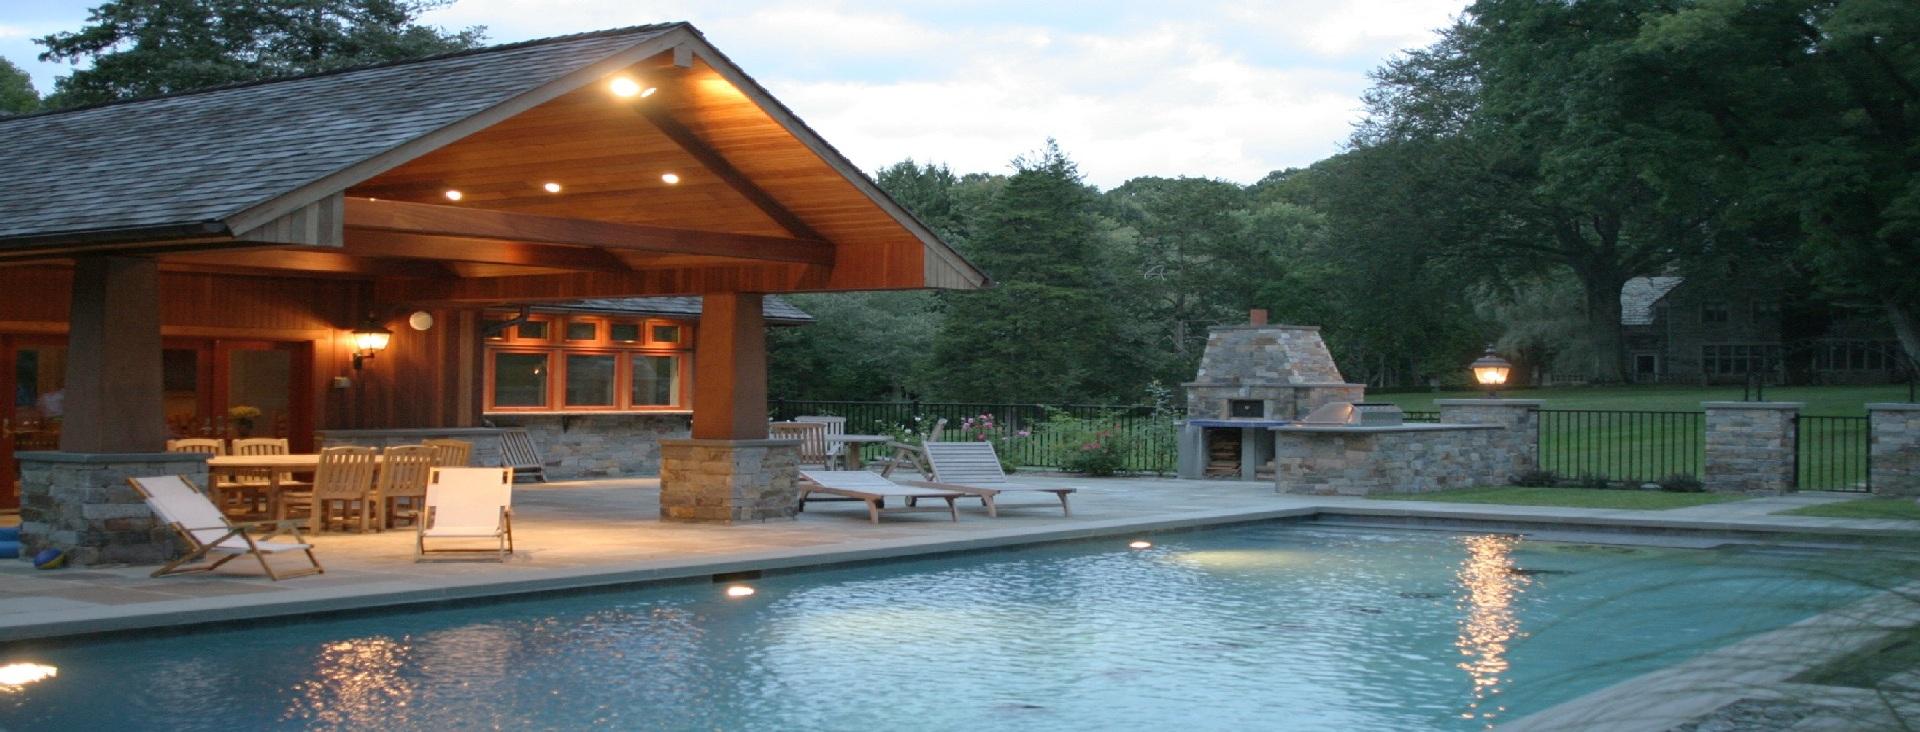 Строительство коттеджей с бассейнами